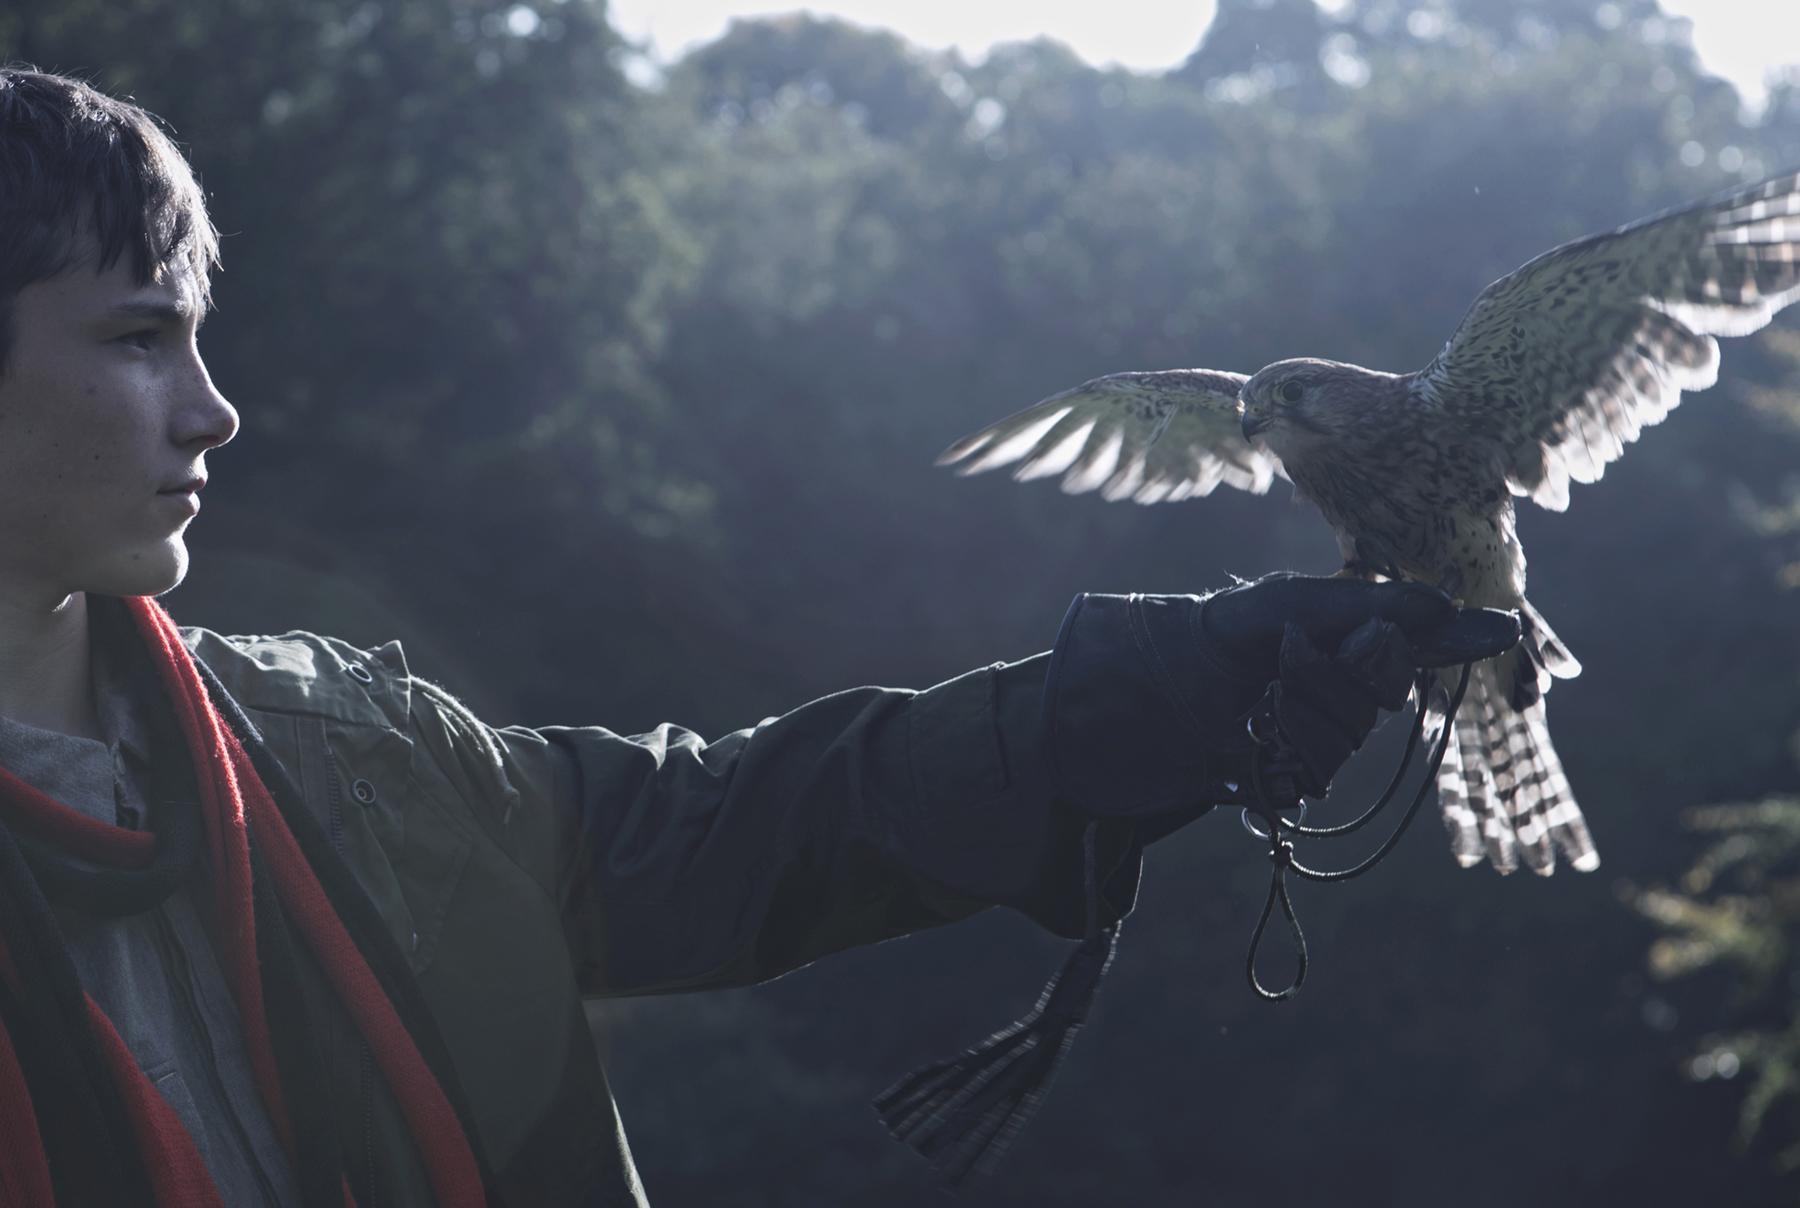 Dan Prince - Kes with his bird